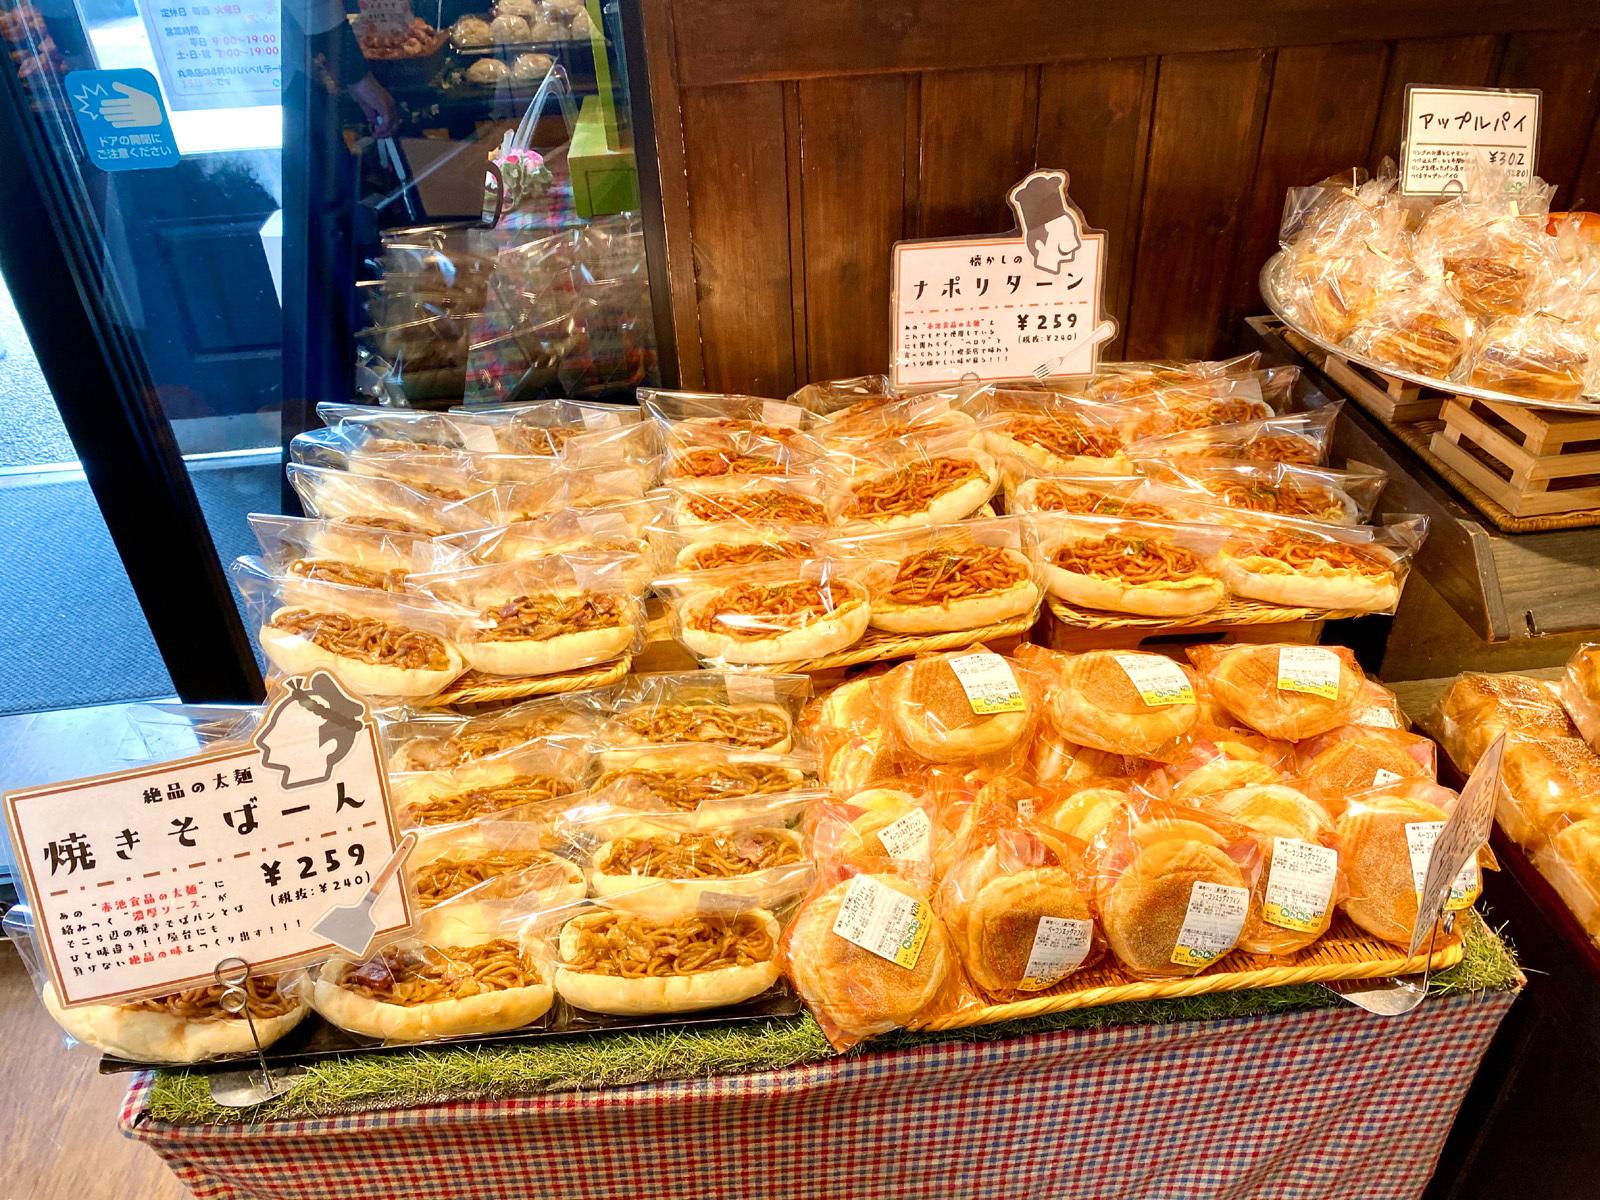 石窯パン工房PaPaBeRu 丸亀店 04 店内のパン2